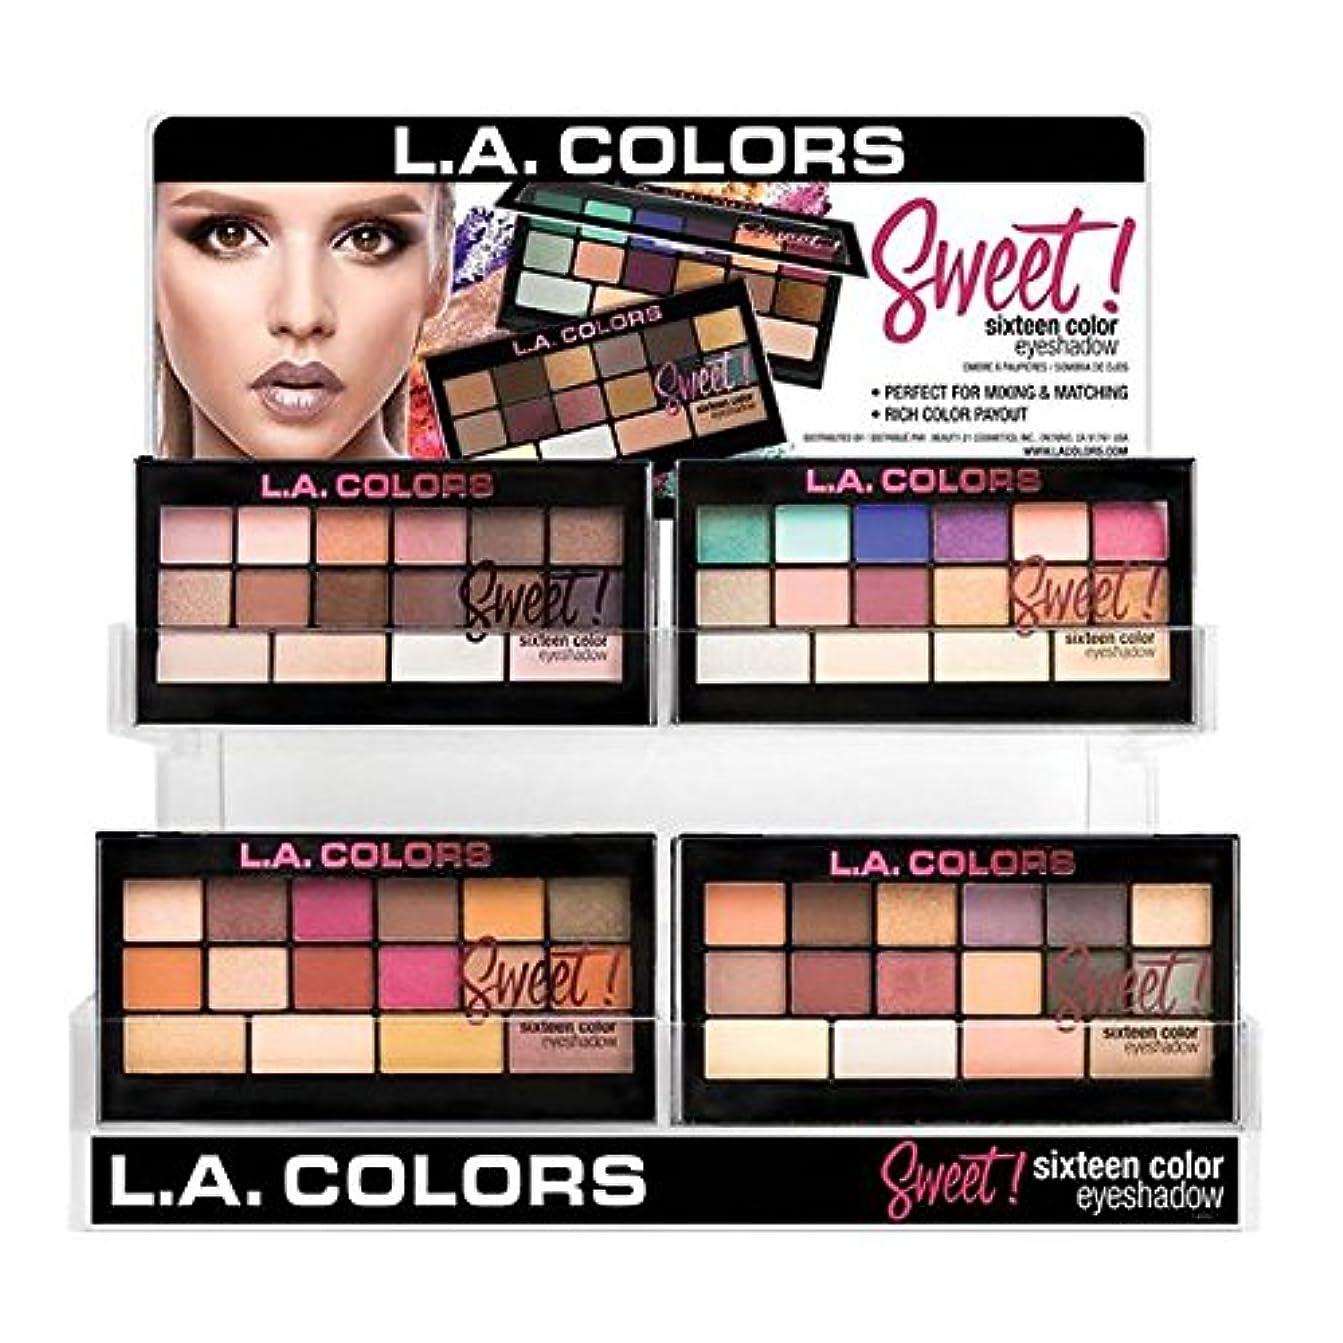 膨らみ撃退するメイエラL.A. COLORS Sweet! 16 Color Eyeshadow Display Set, 60 pcs (並行輸入品)